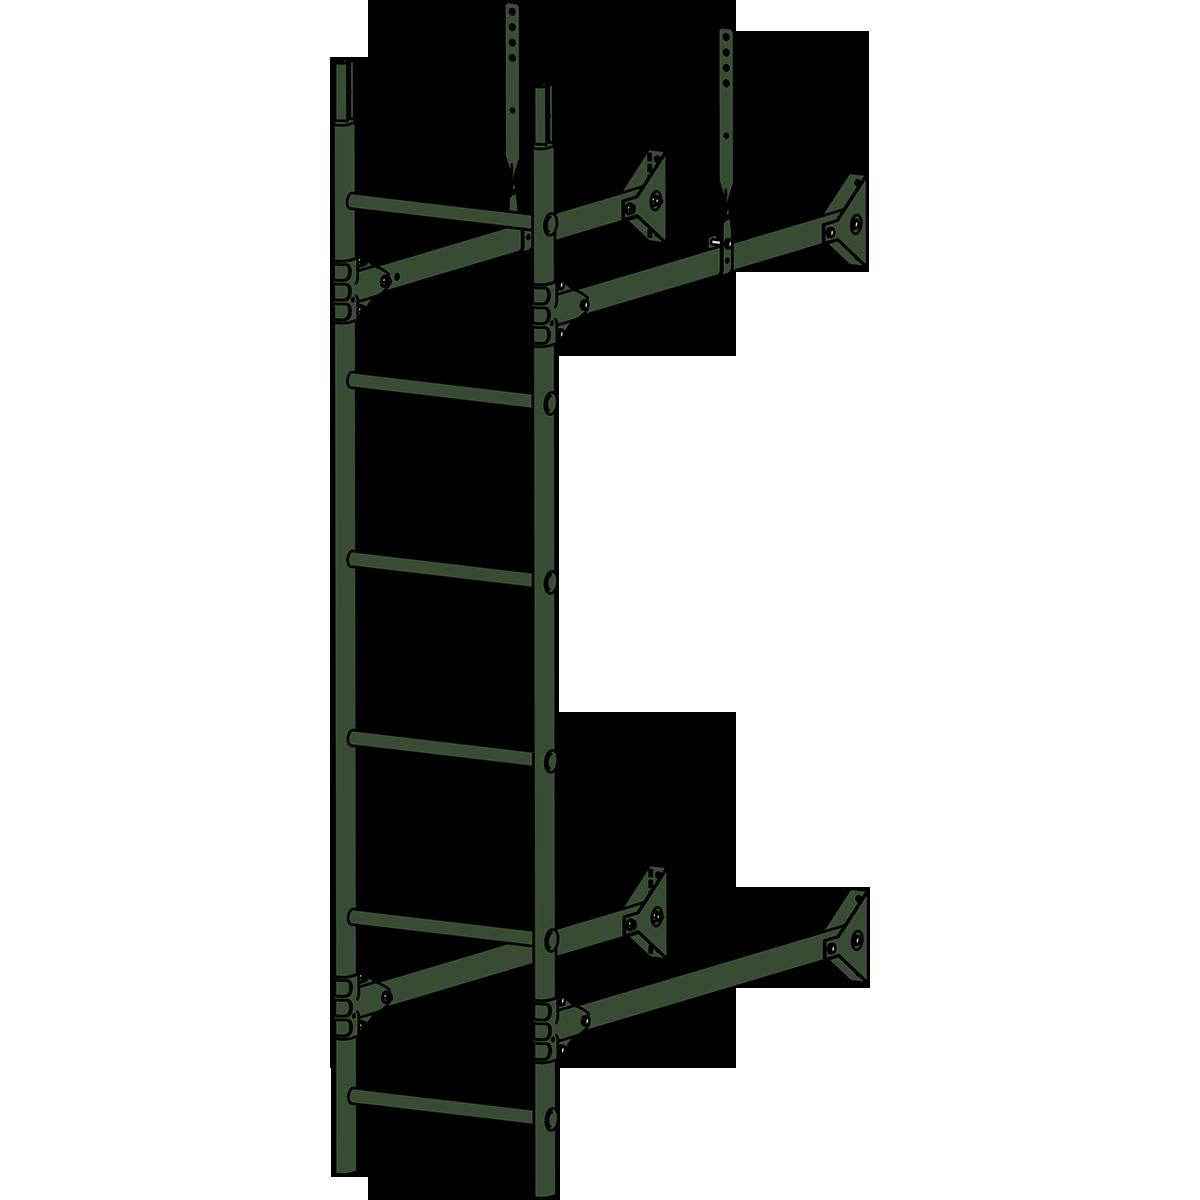 Лестница стеновая ROOFSYSTEMS PRESTIGE ZN 1,2 м RAL 6020 Зеленый хром